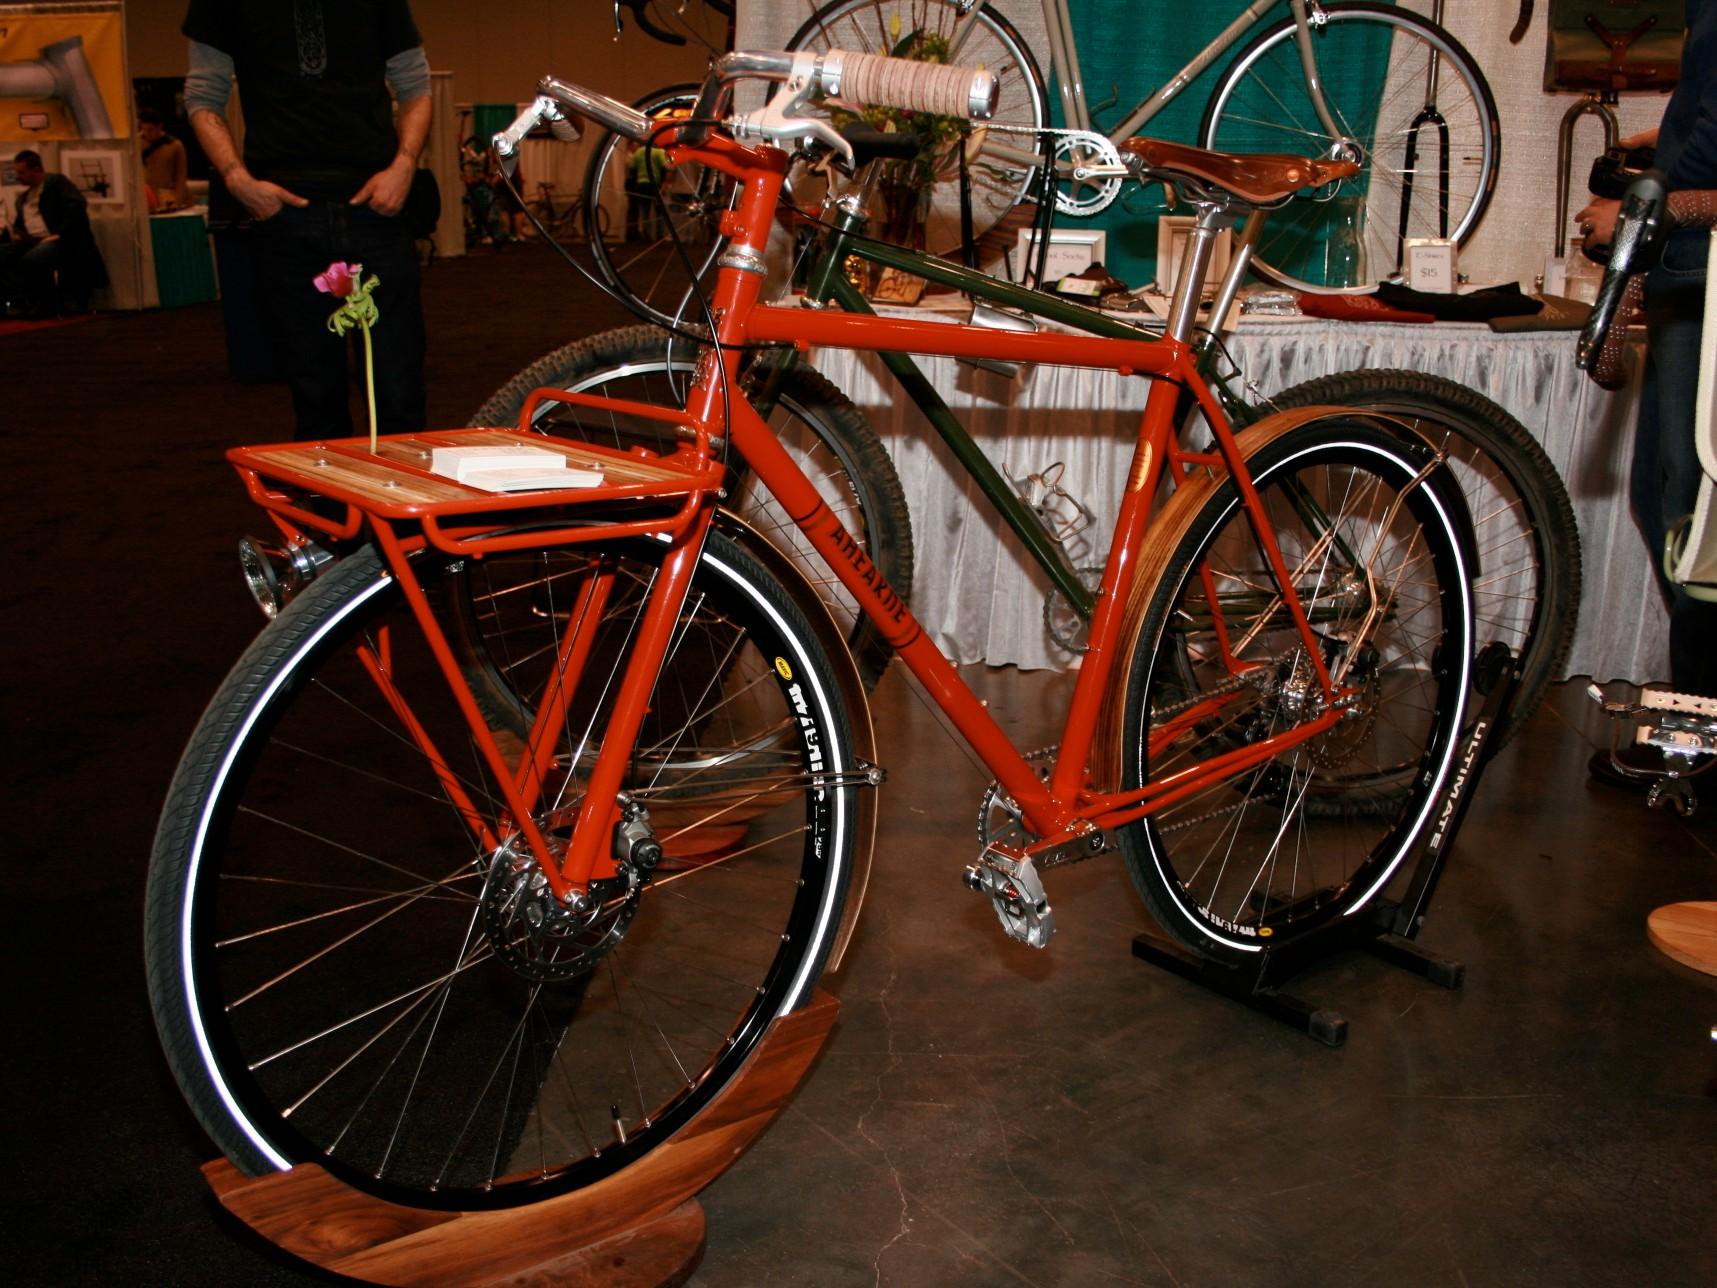 Ahearne's city bike.